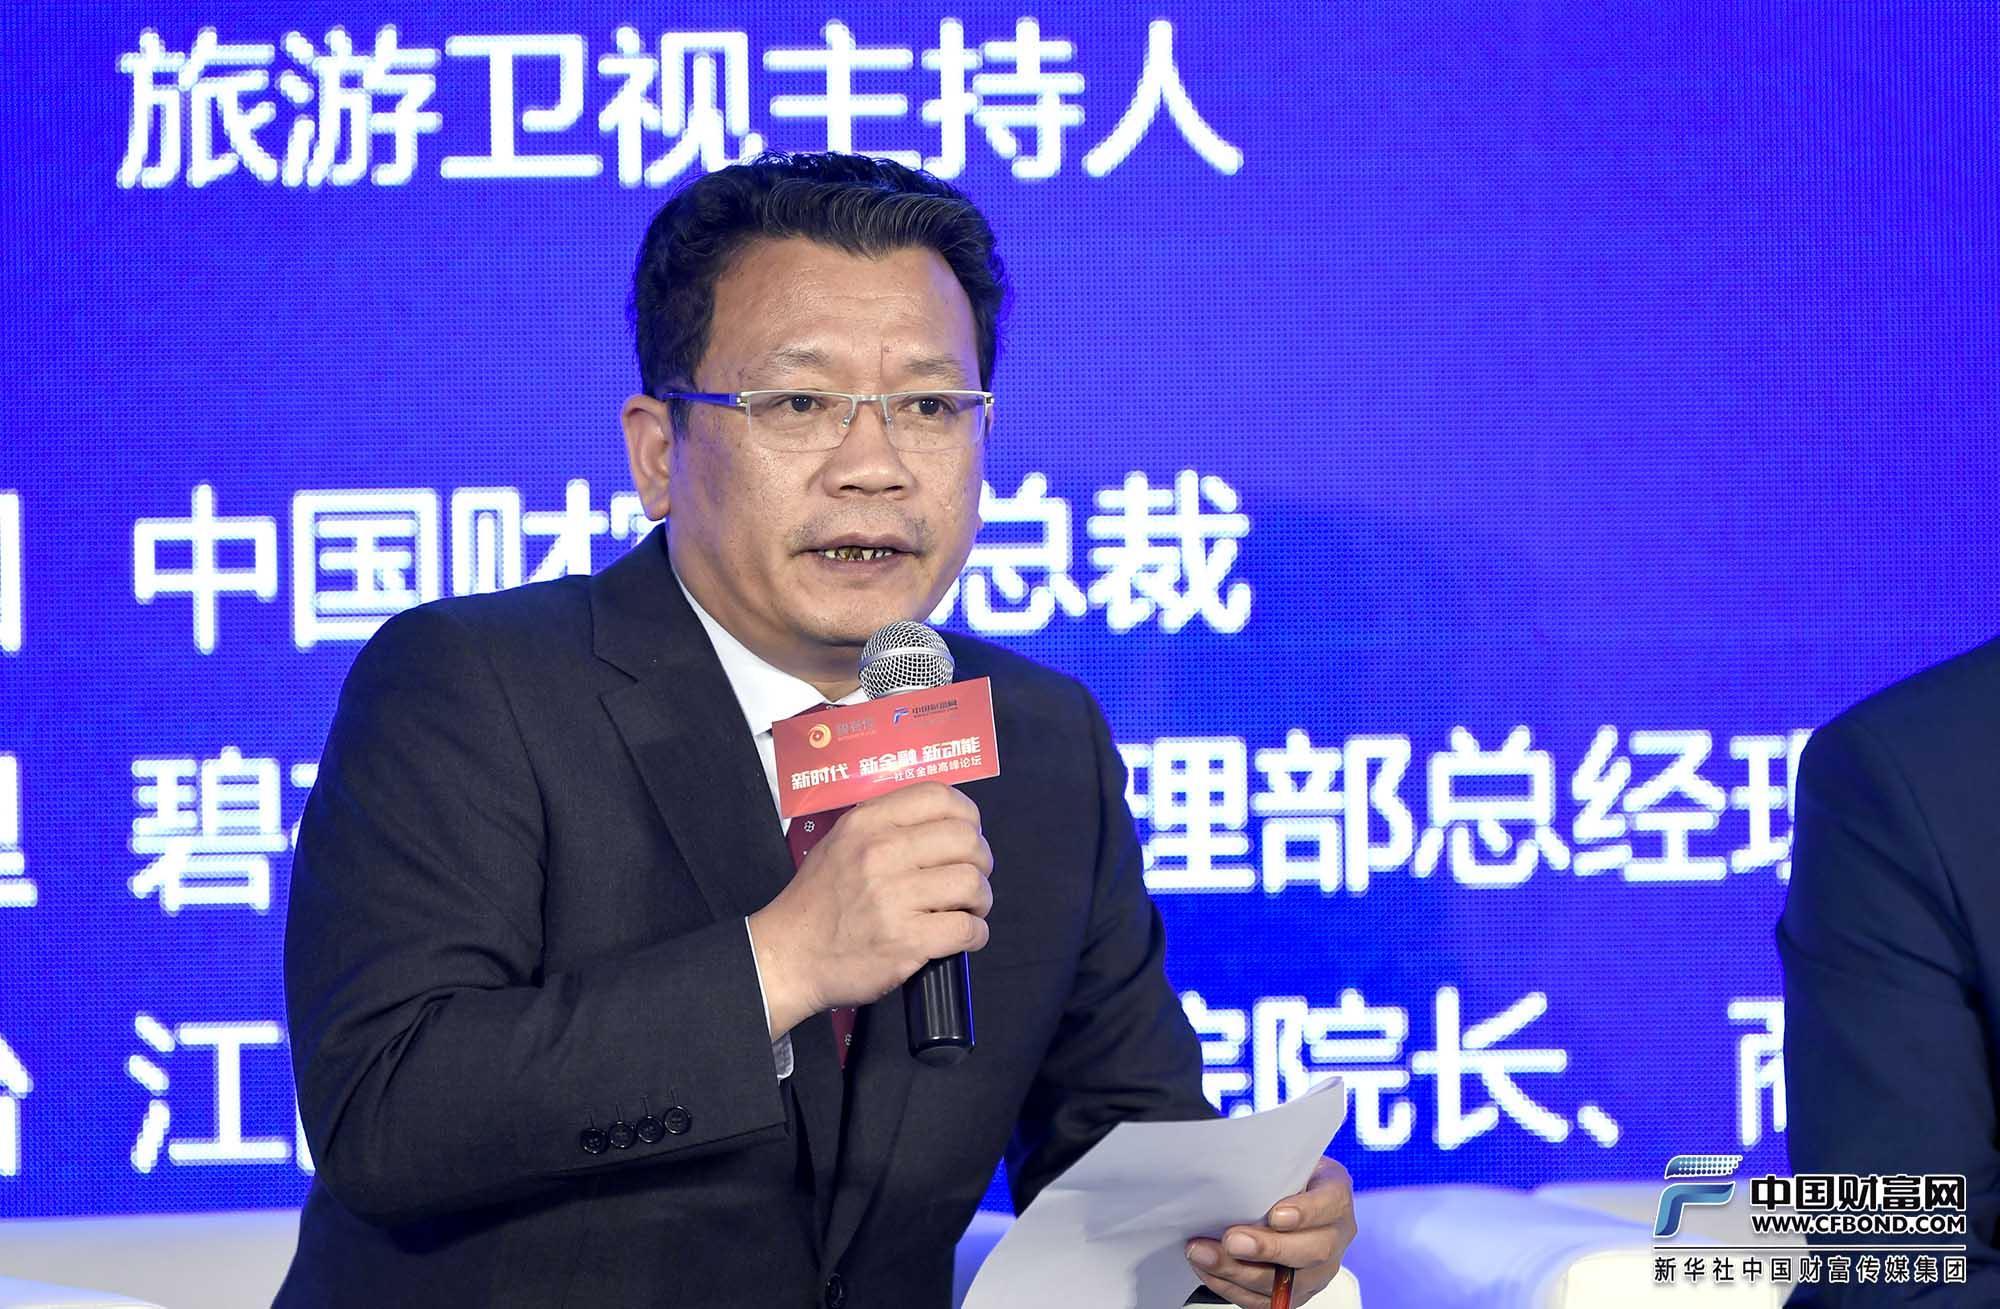 圆桌论坛一主持人:中国财富网总裁张先国